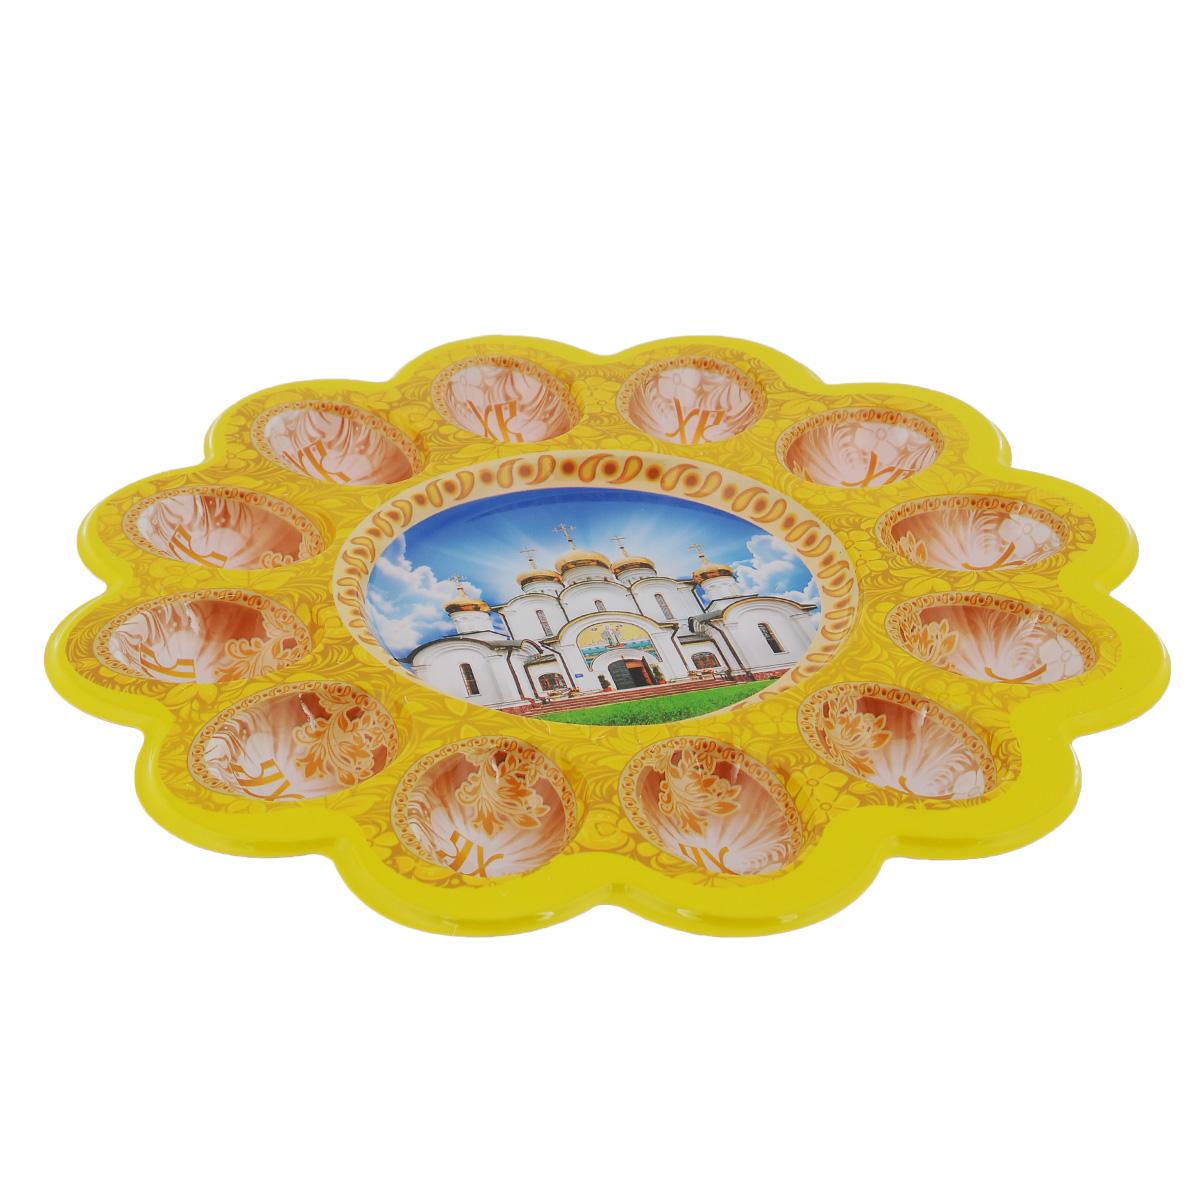 Подставка под 12 яиц Home Queen Храмы, цвет: желтый, диаметр 30 см66695_1Подставка под 12 яиц Home Queen Храмы станет оригинальным украшением праздничного стола на Пасху. Изделие изготовлено из высококачественного пластика и украшено красочным изображение храма в пасхальном стиле.Такая подставка красиво оформит праздничный стол и создаст особое настроение. Нельзя мыть в посудомоечной машине. Диаметр подставки: 30 см. Высота подставки: 1,5 см.